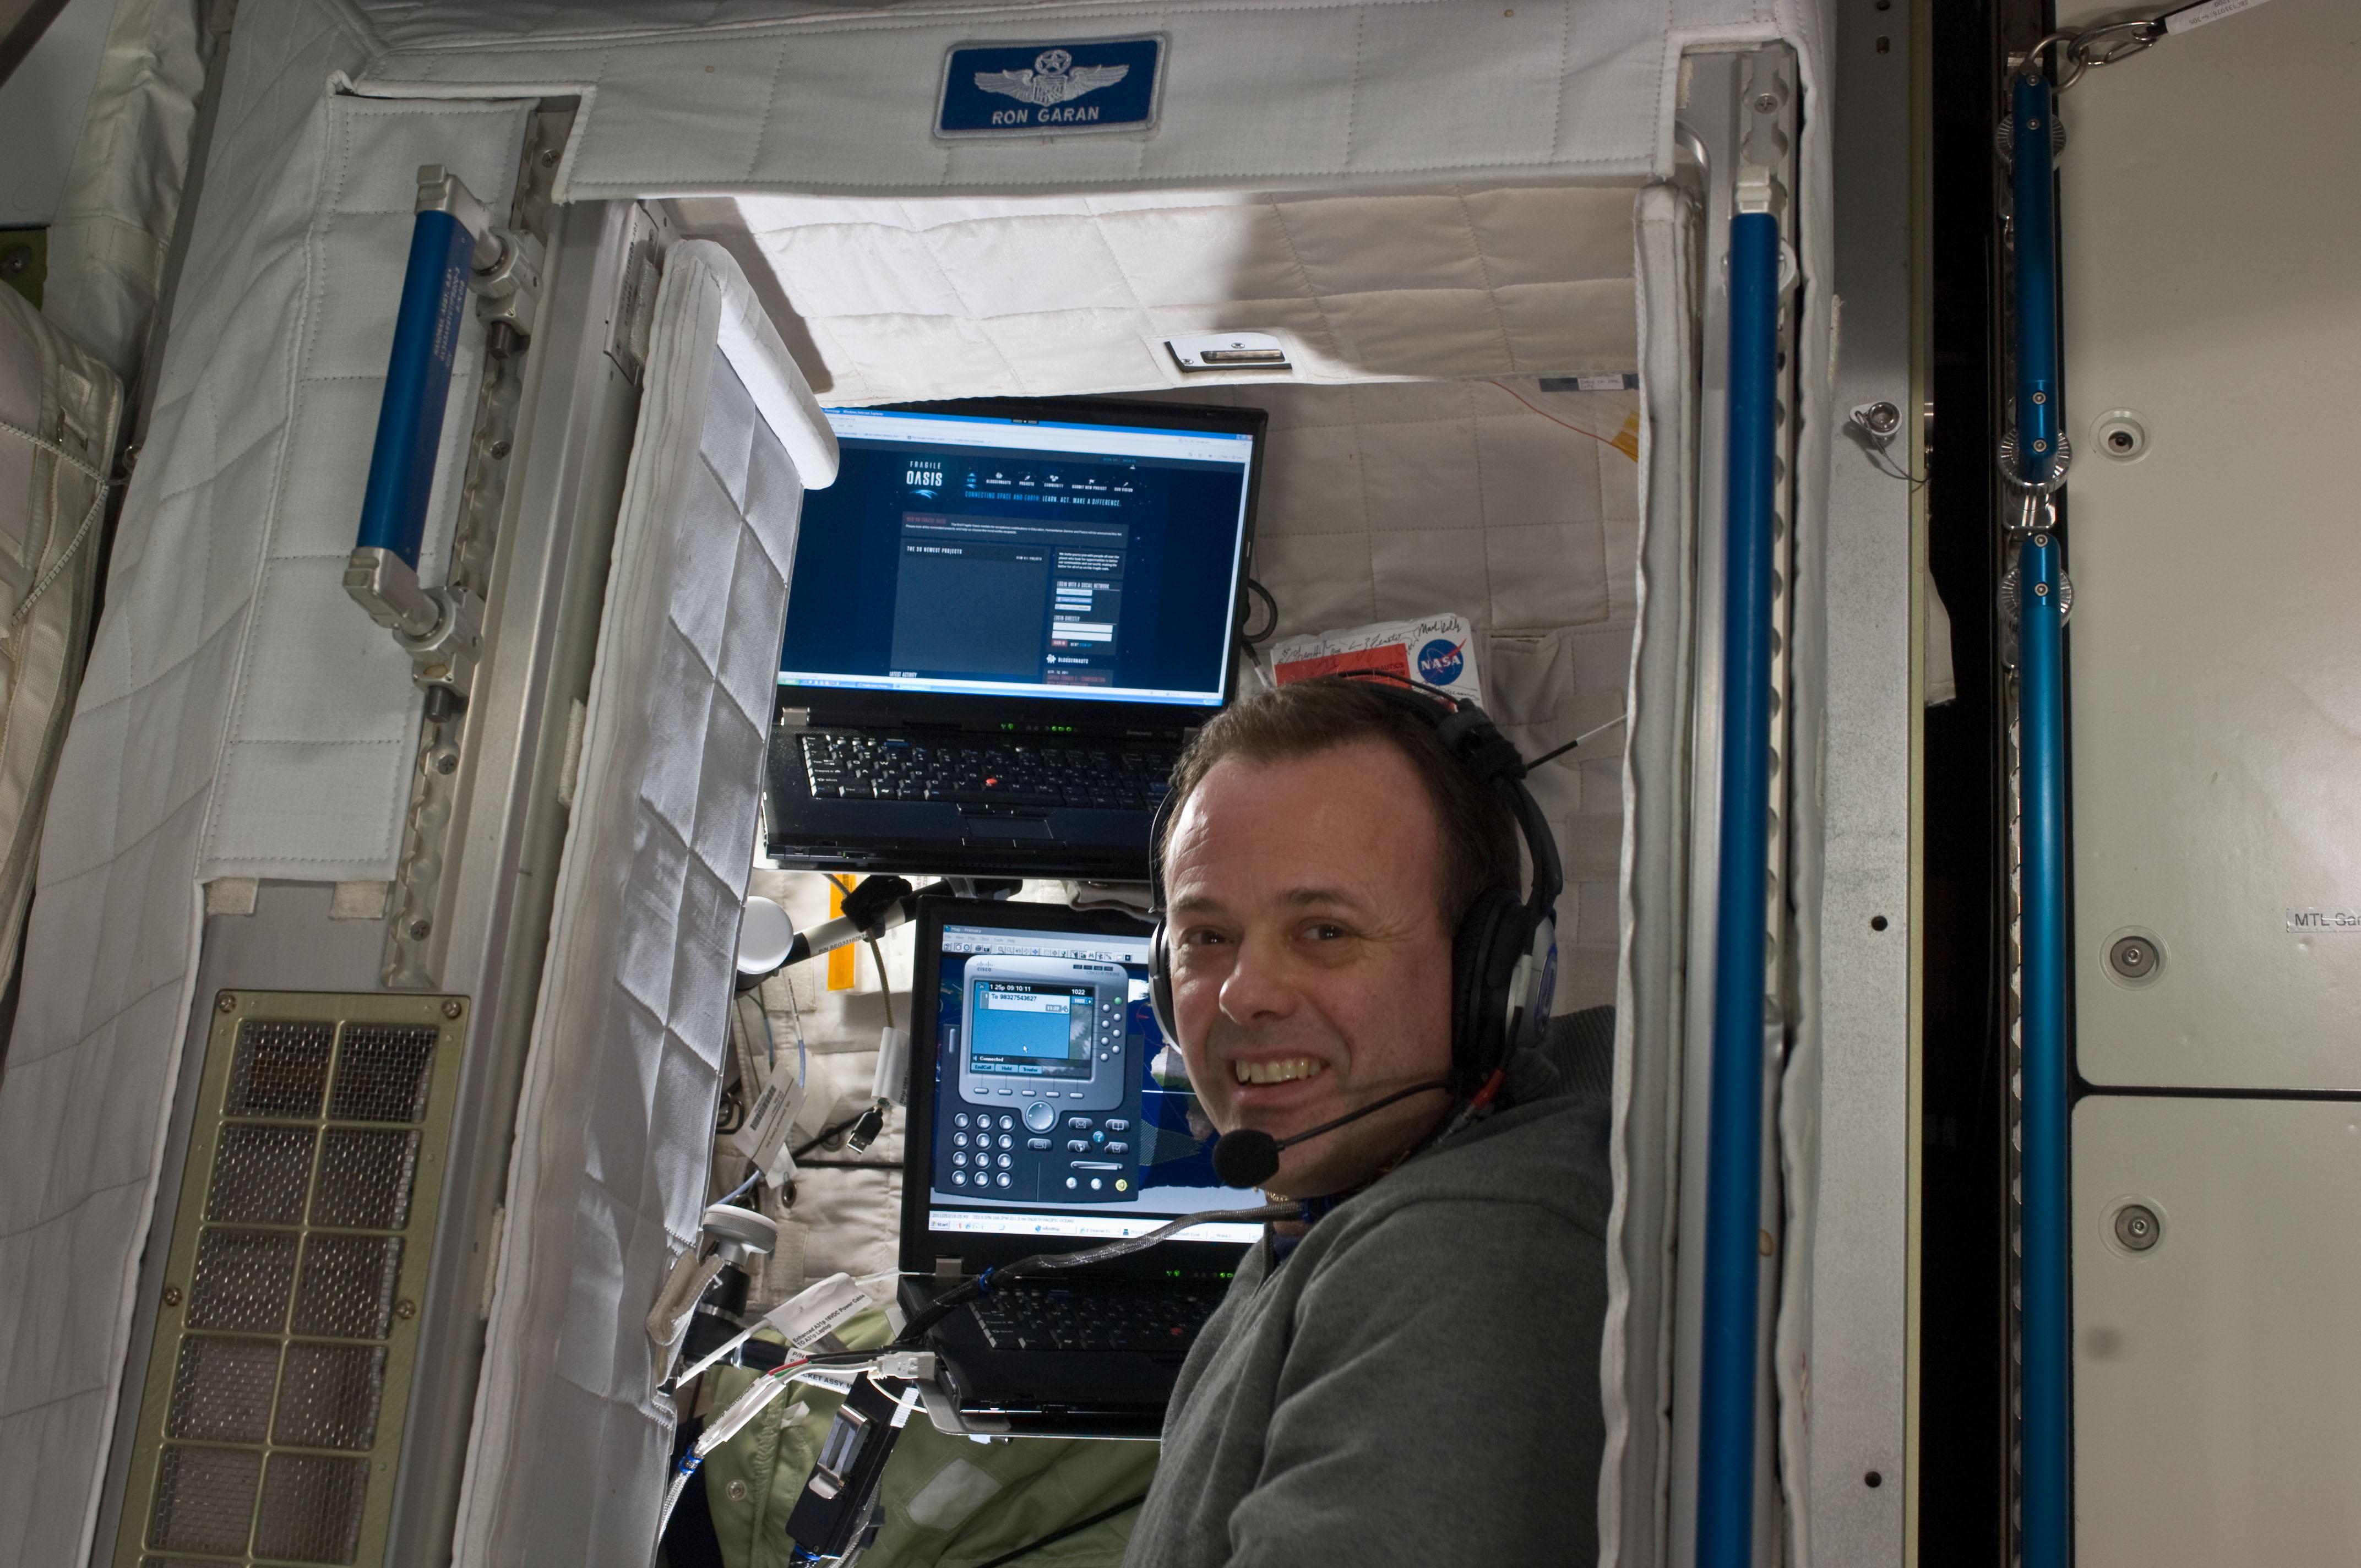 Ron Garan at ISS